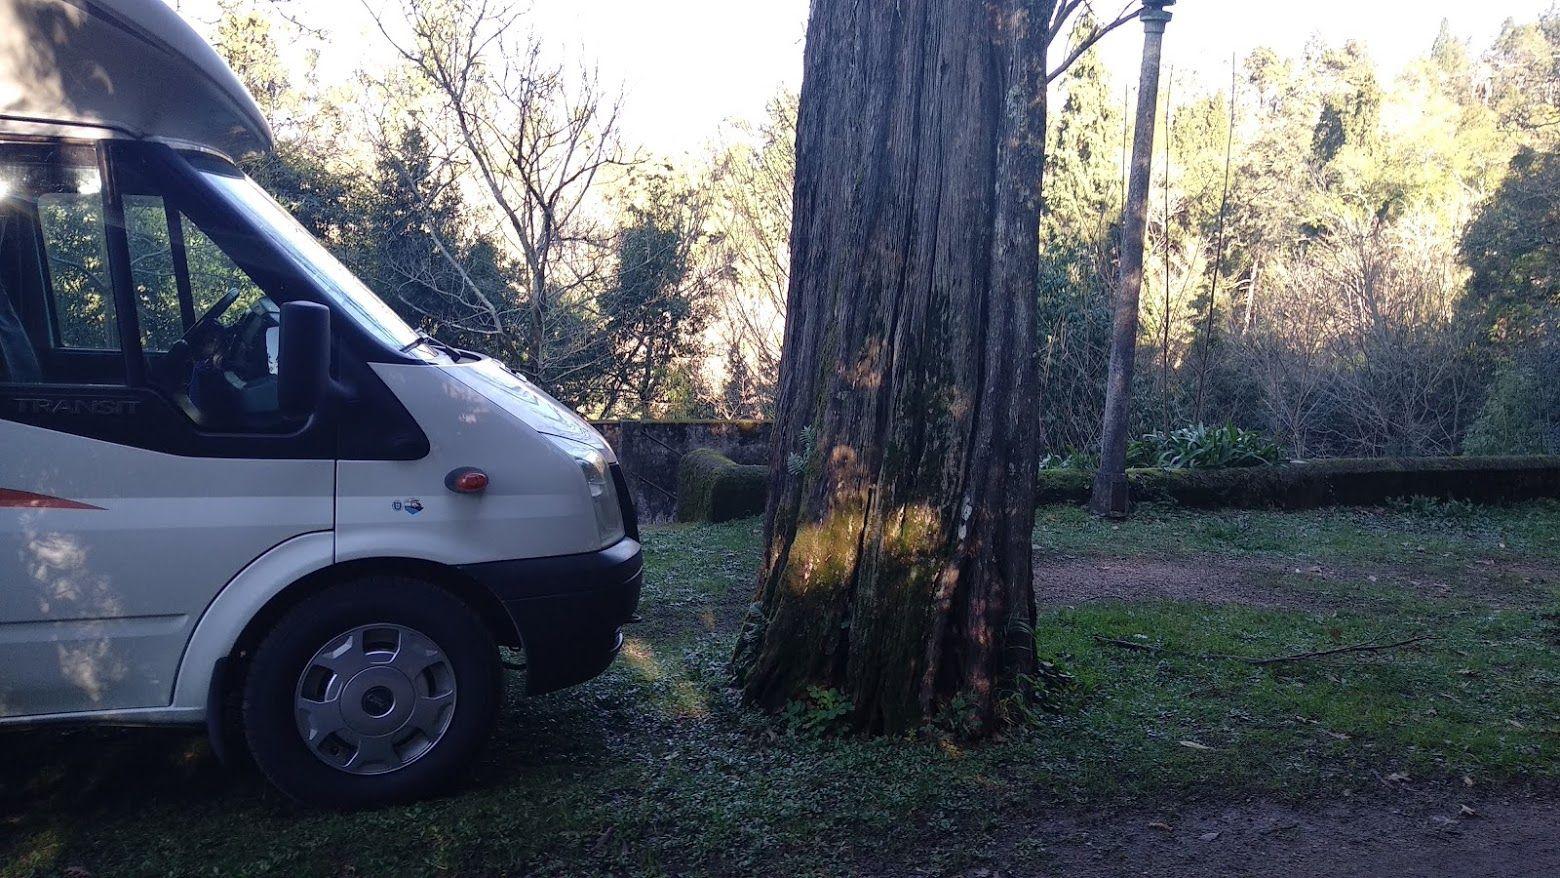 Autocaravanas Campingcar Reisemobile Com Imagens Rotas Base